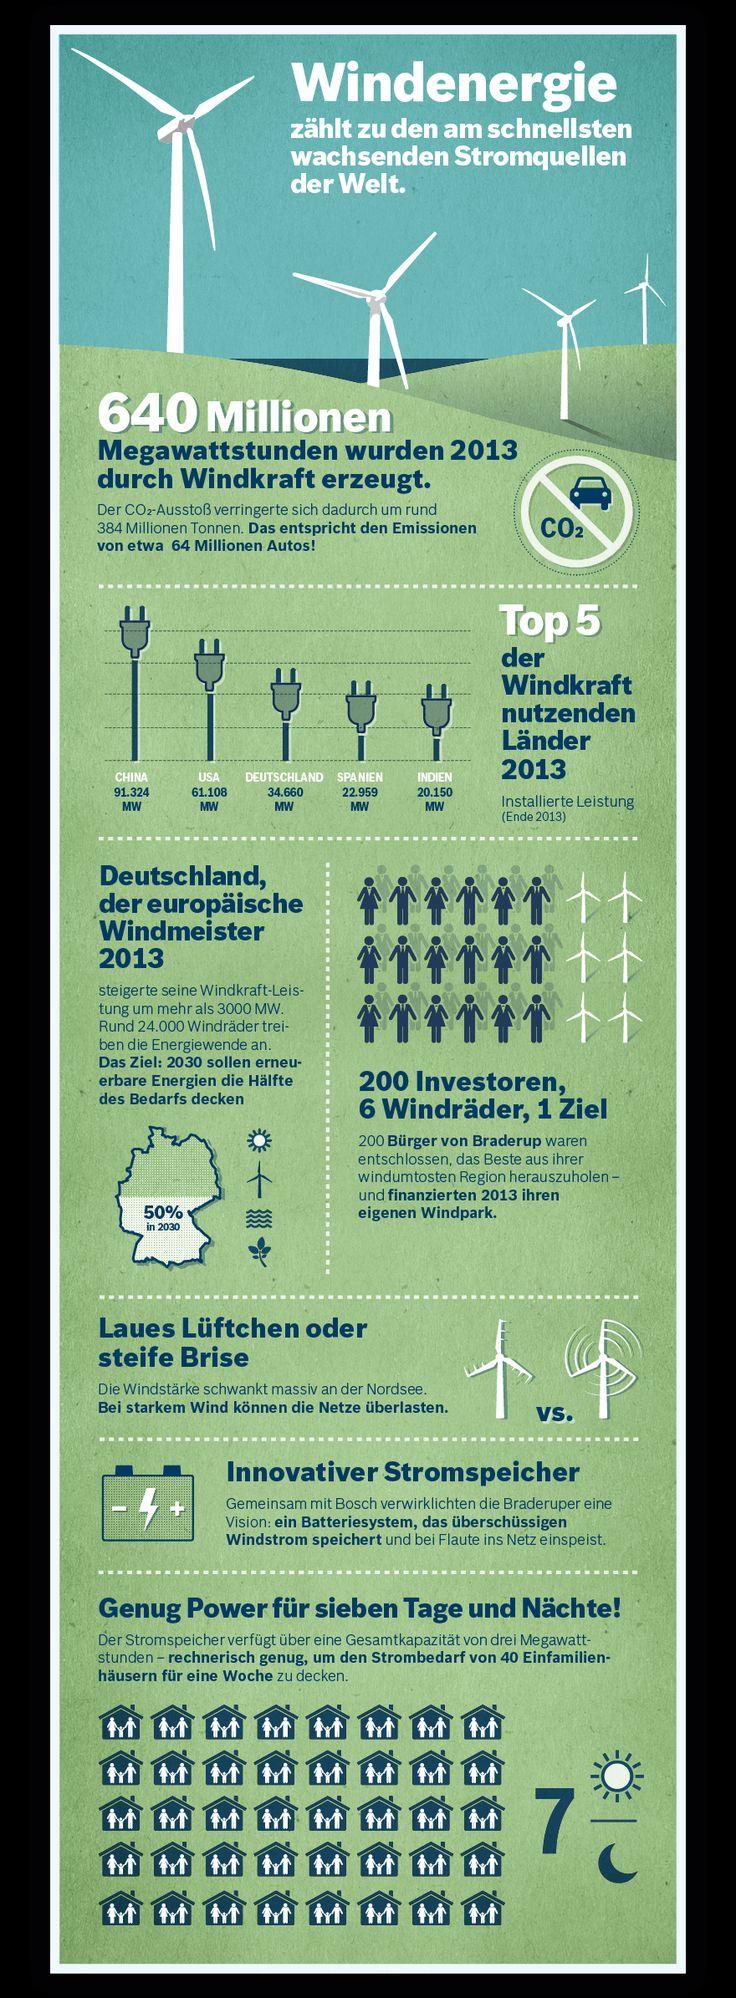 Wer Wind sät, wird Strom ernten: Im Fußball ist Deutschland Weltmeister. Doch wer führt im weltweiten Rennen um den Ausbau der Windenergie? Und was trägt eine geniale Idee aus dem winzigen Örtchen Braderup dazu bei? All das verrät euch unsere Infografik. http://bit.ly/1EUkT34